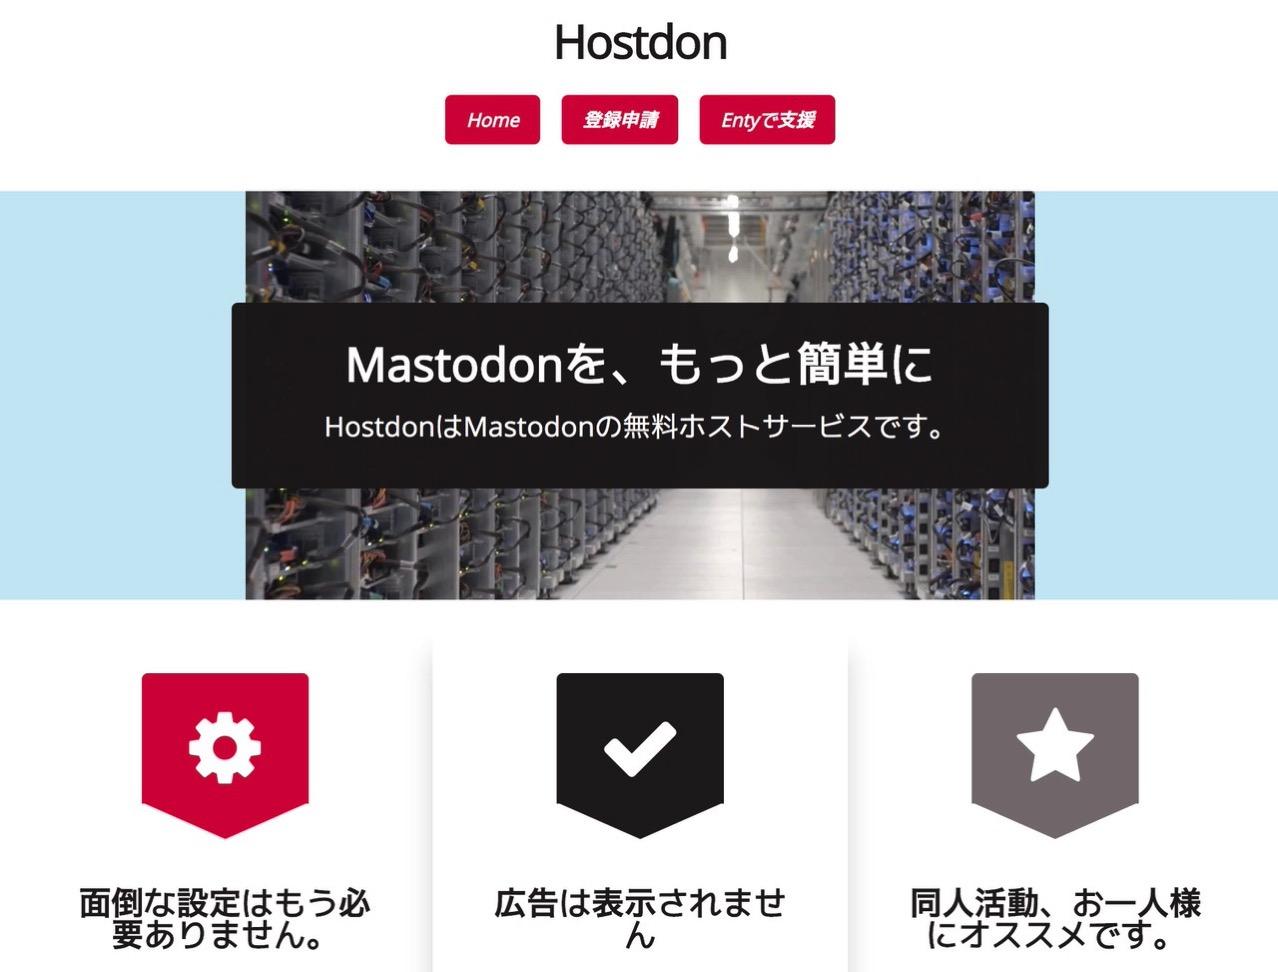 【マストドン】小規模なインスタンスを立ち上げることができる無料サービス「Hostdon(ホストドン)」